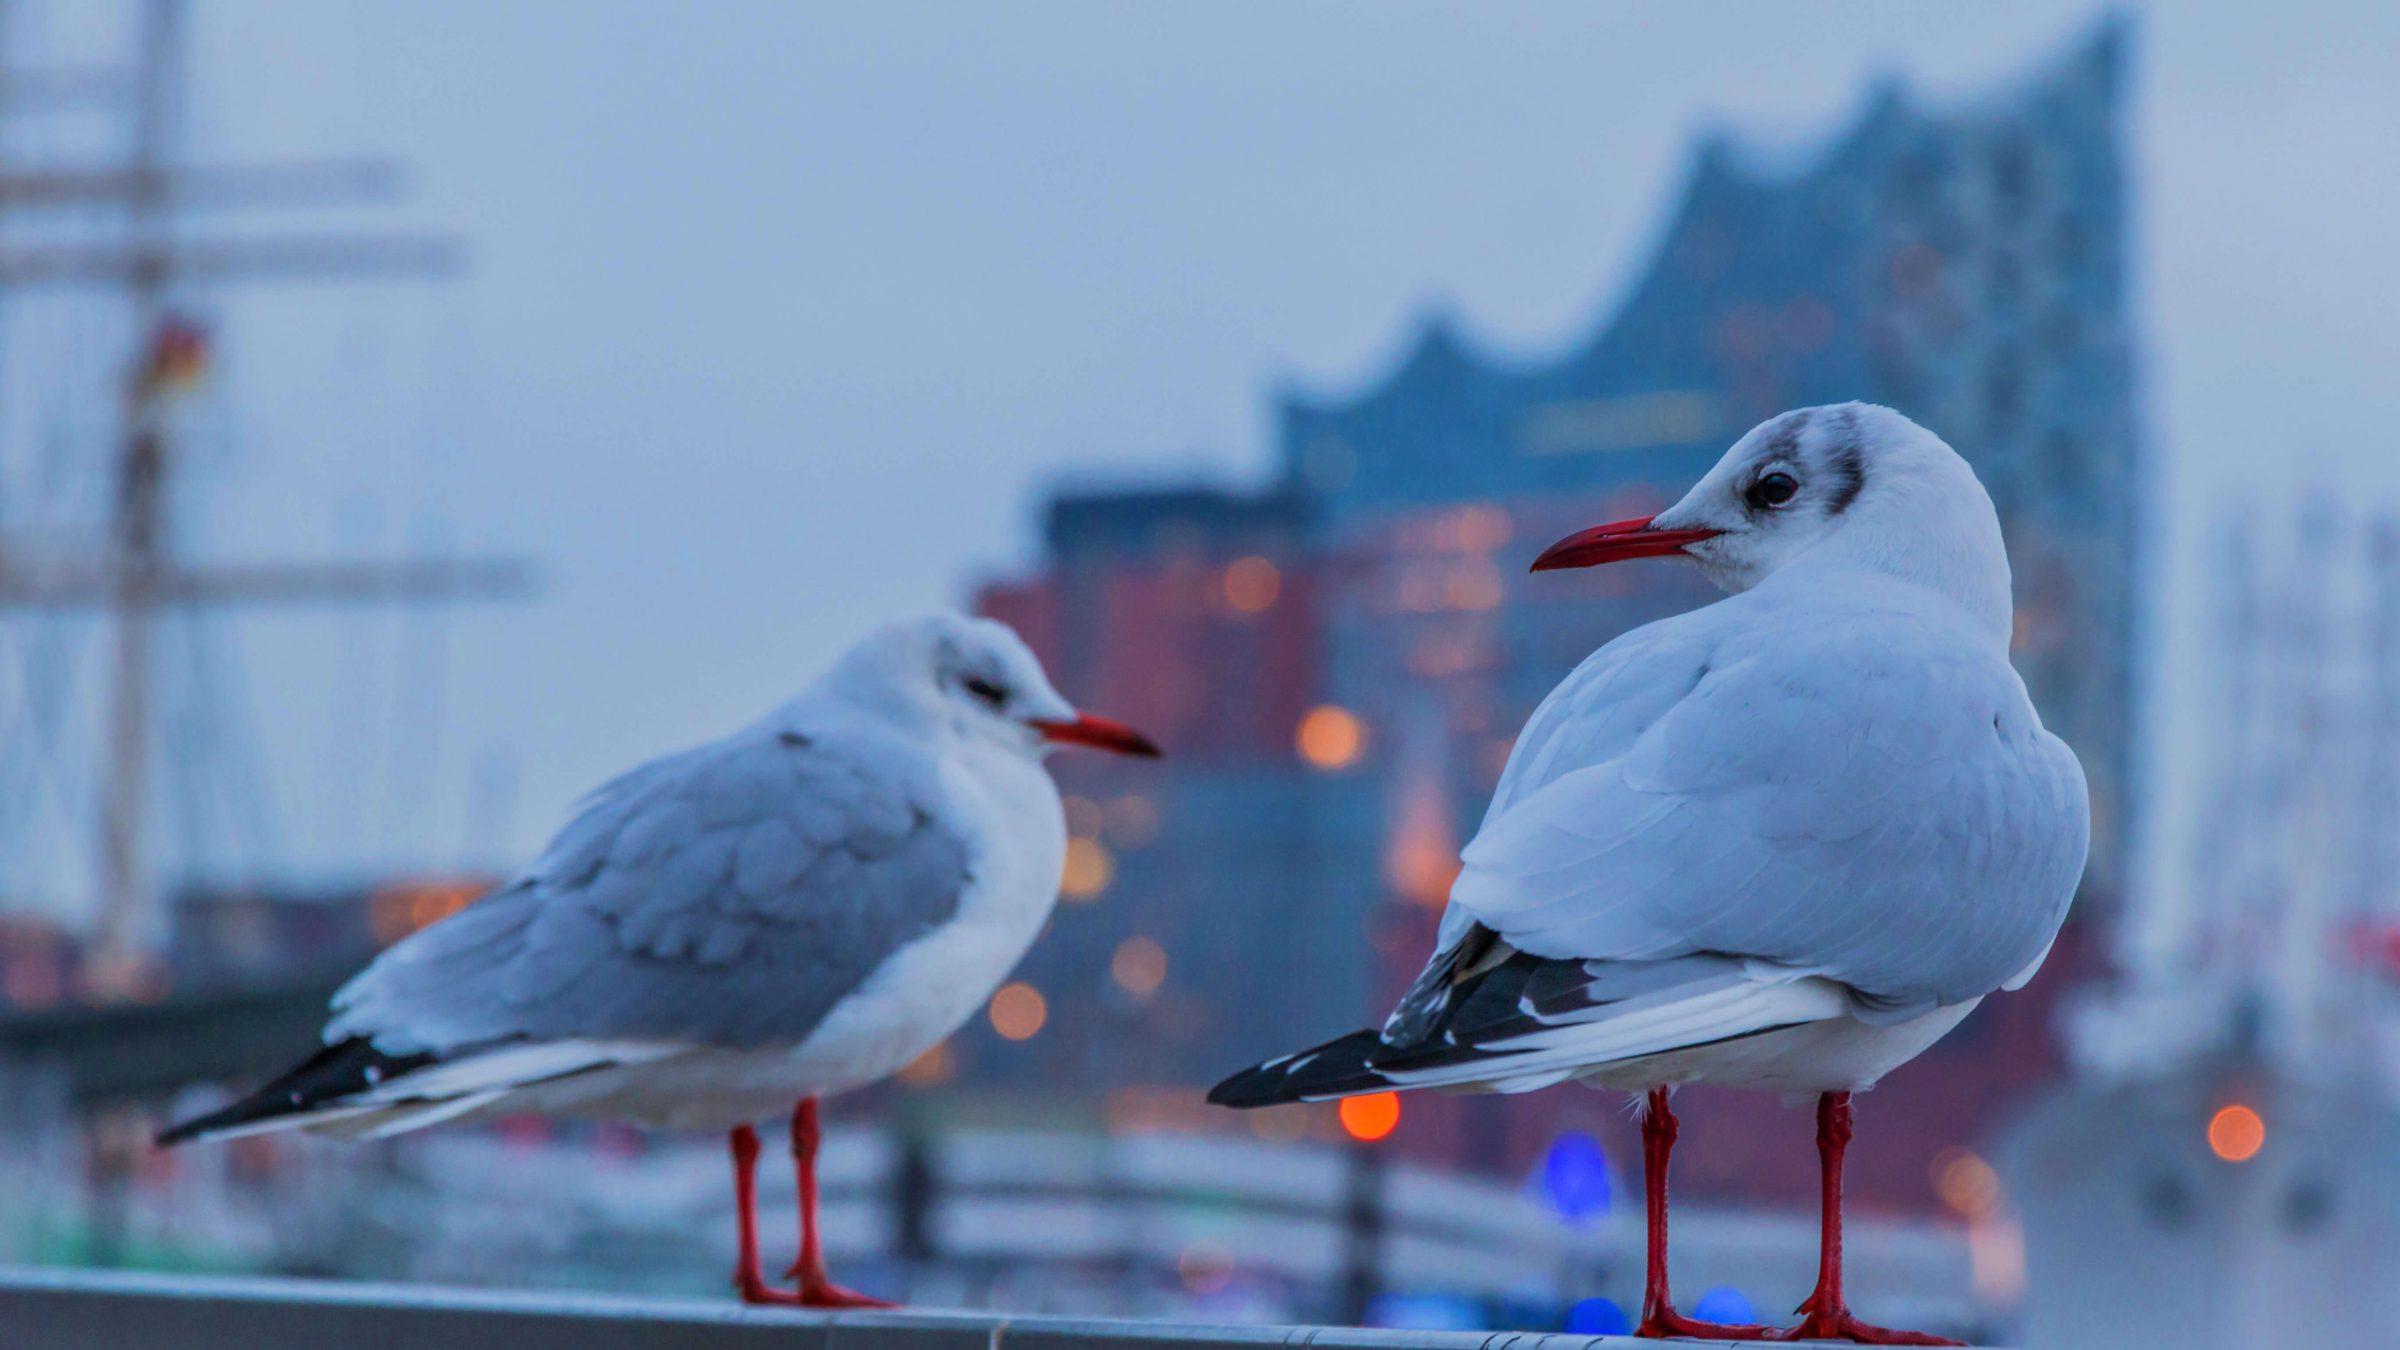 Eine Vogelart werden Sie in Hamburg sehr oft sehen, die Möwen